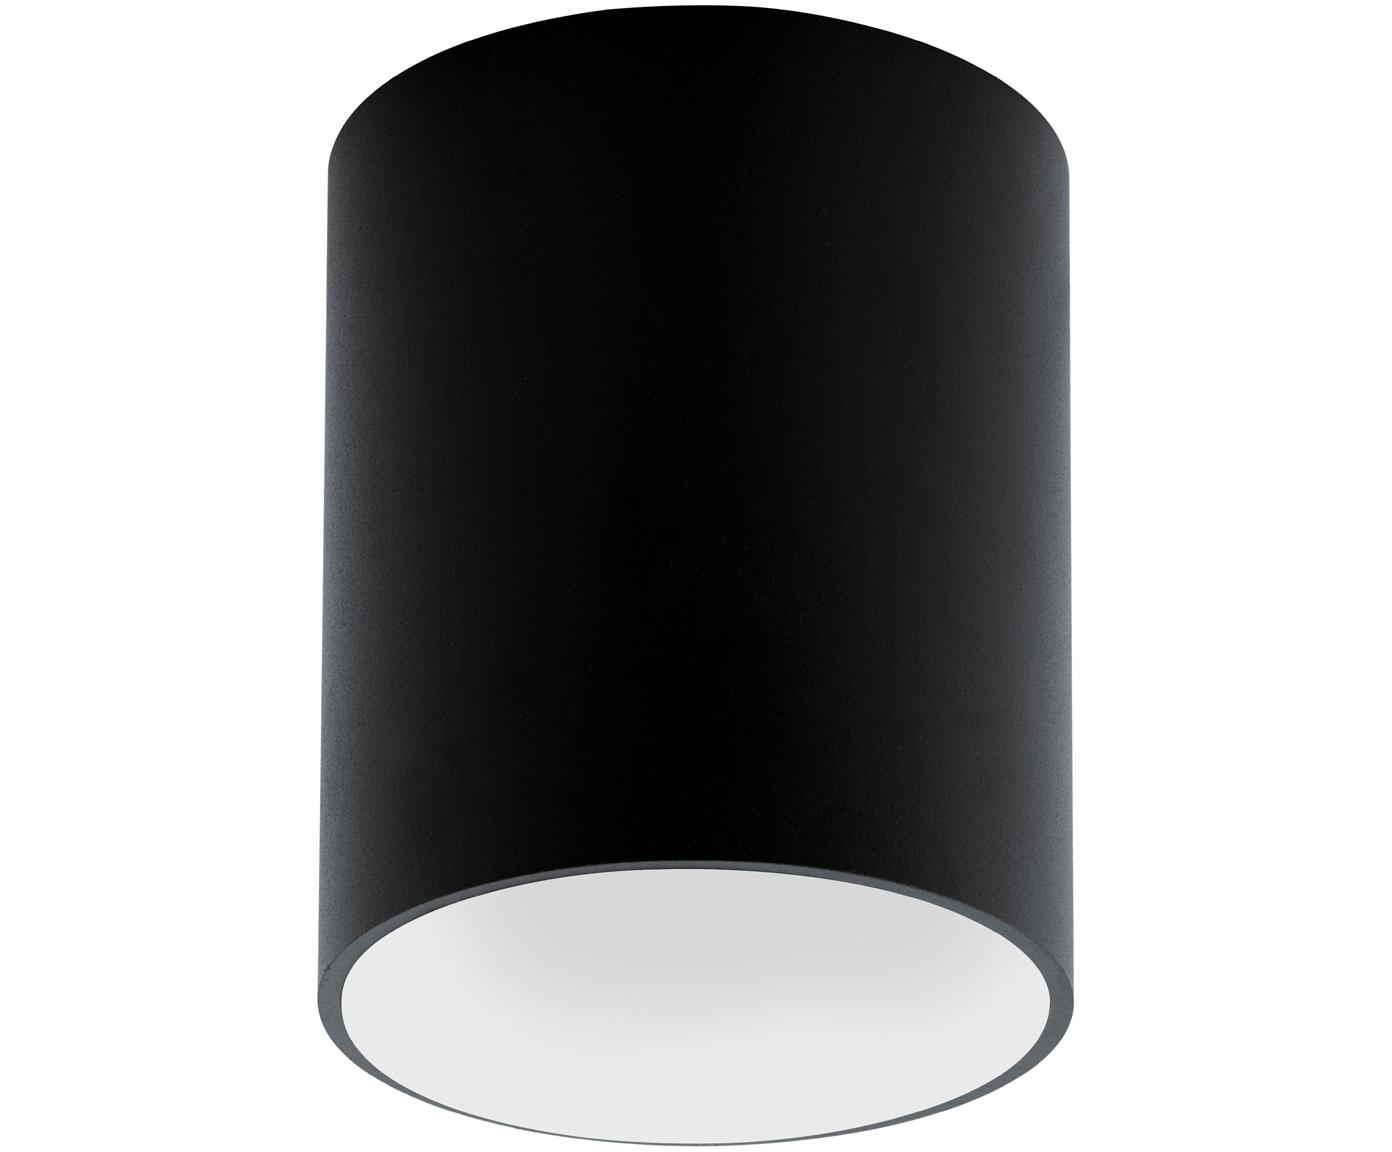 Lampa spot LED Marty, Metal malowany proszkowo, Czarny, biały, ∅ 10 x W 12 cm